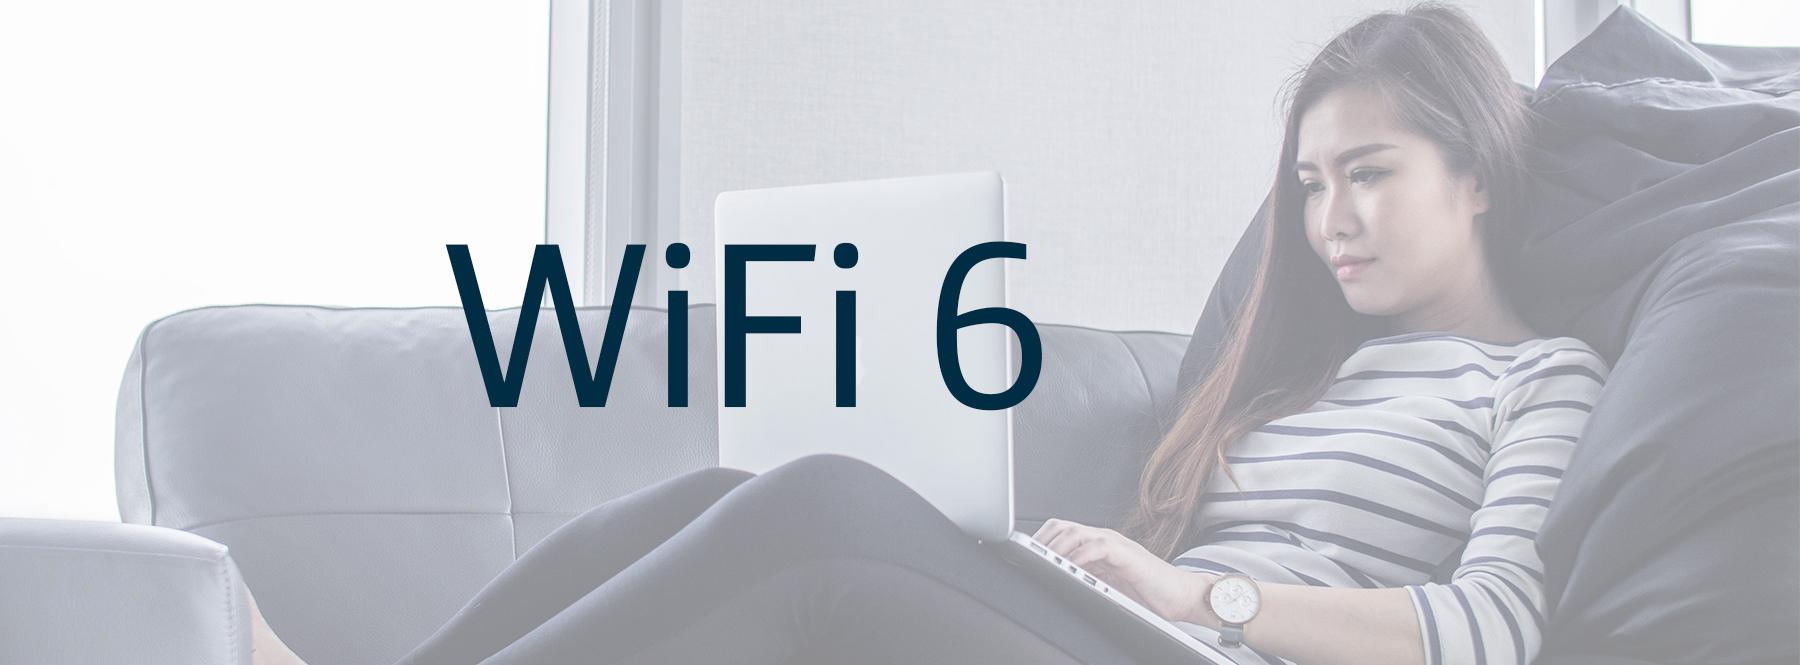 WiFi 6 en el hogar: qué es y cómo mejorará nuestro día a día